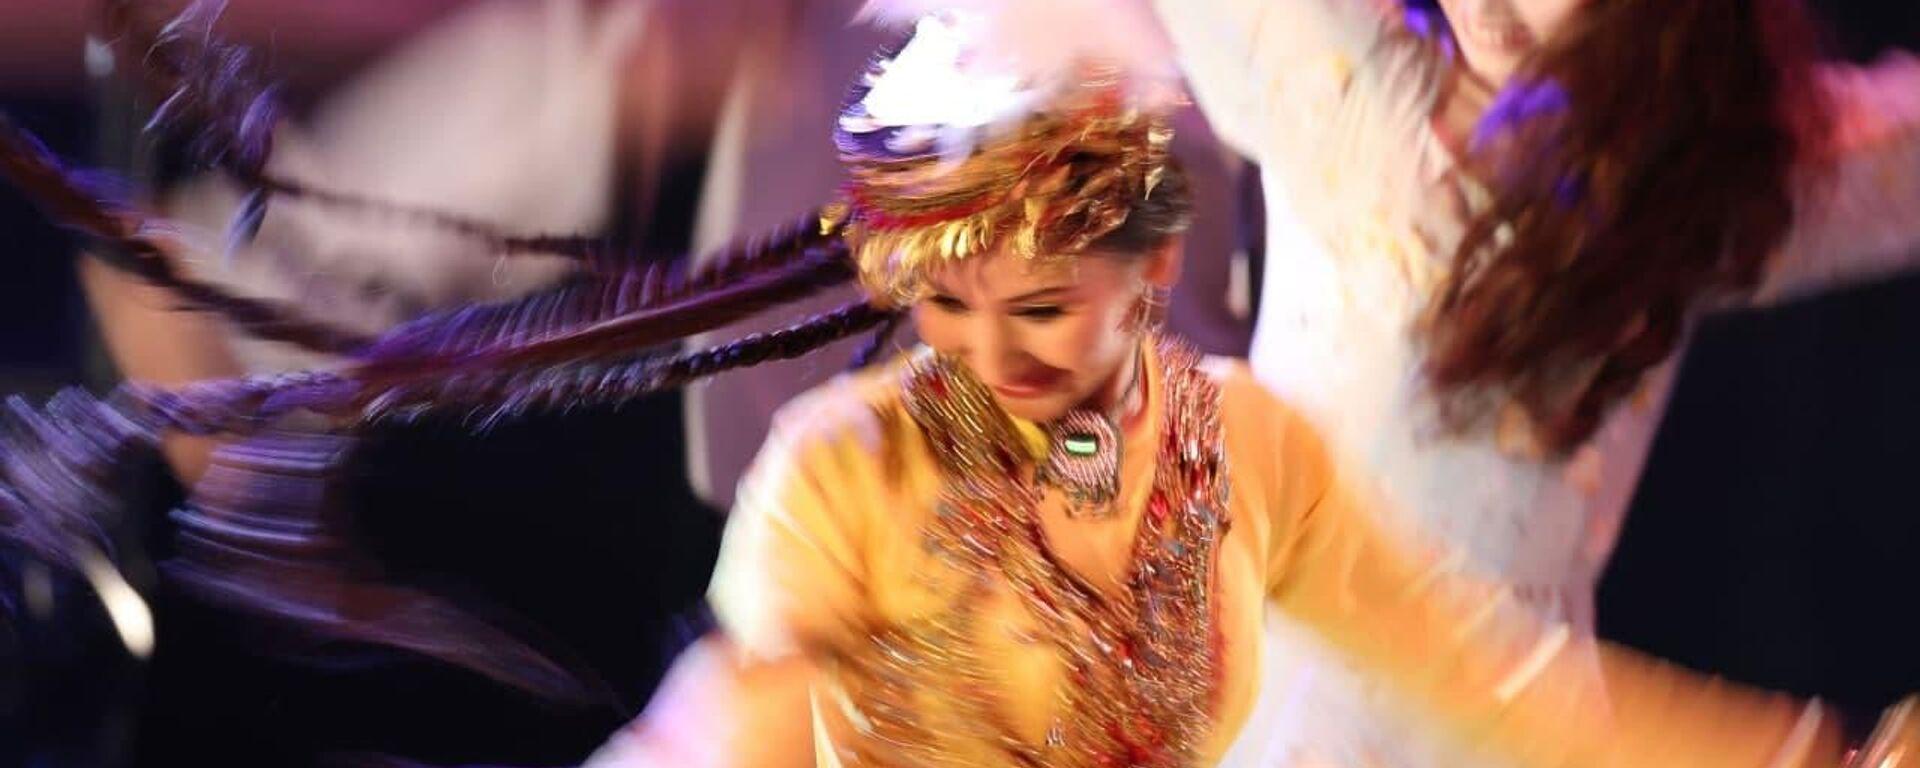 Балетный спектакль Лазги - Sputnik Узбекистан, 1920, 07.09.2021